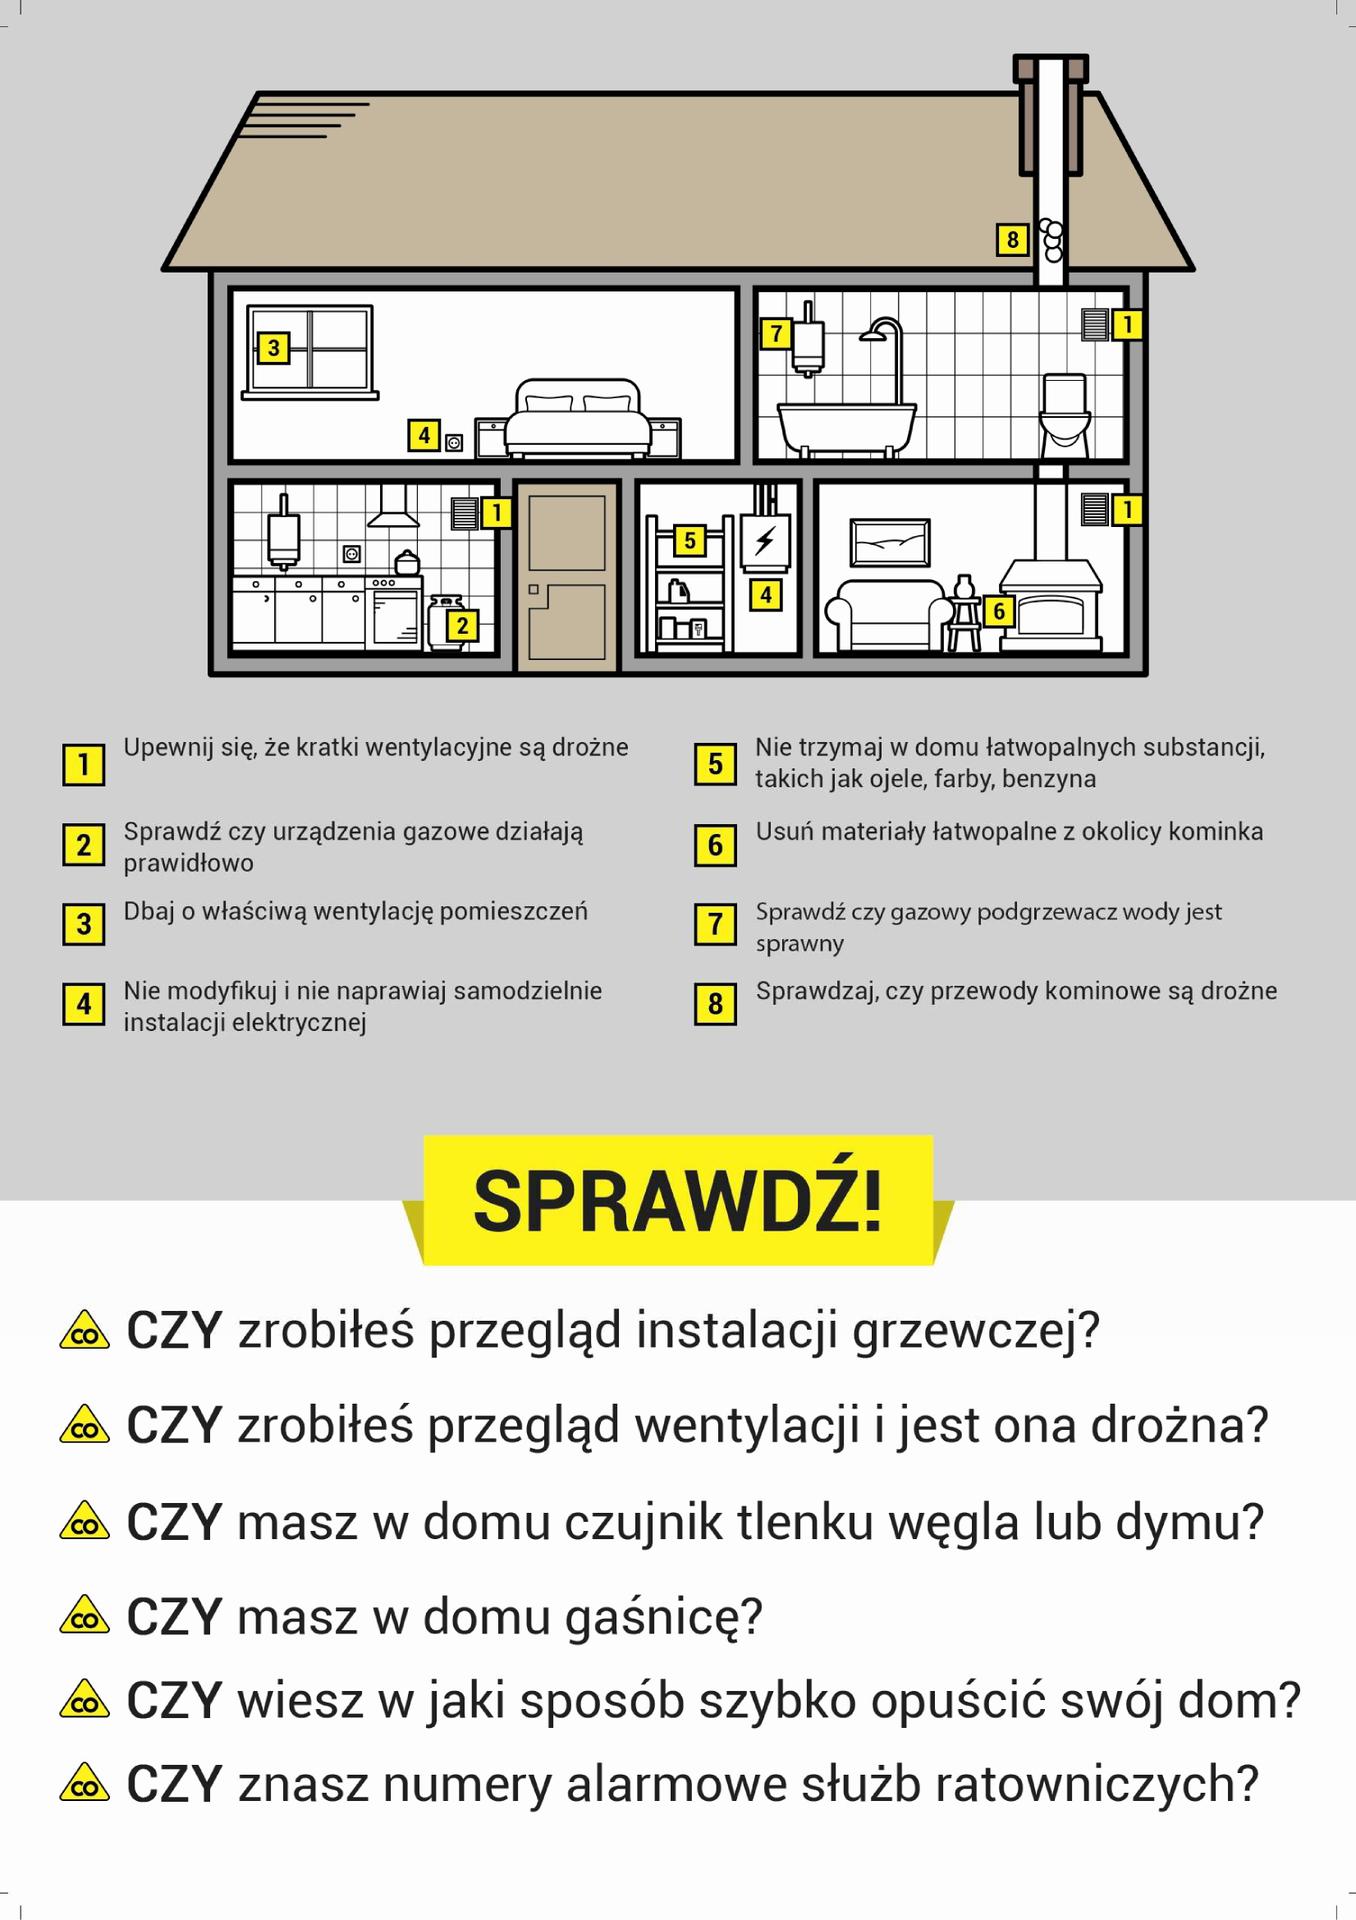 CZAD_I_OGIEŃ_-_ulotka-2.jpeg